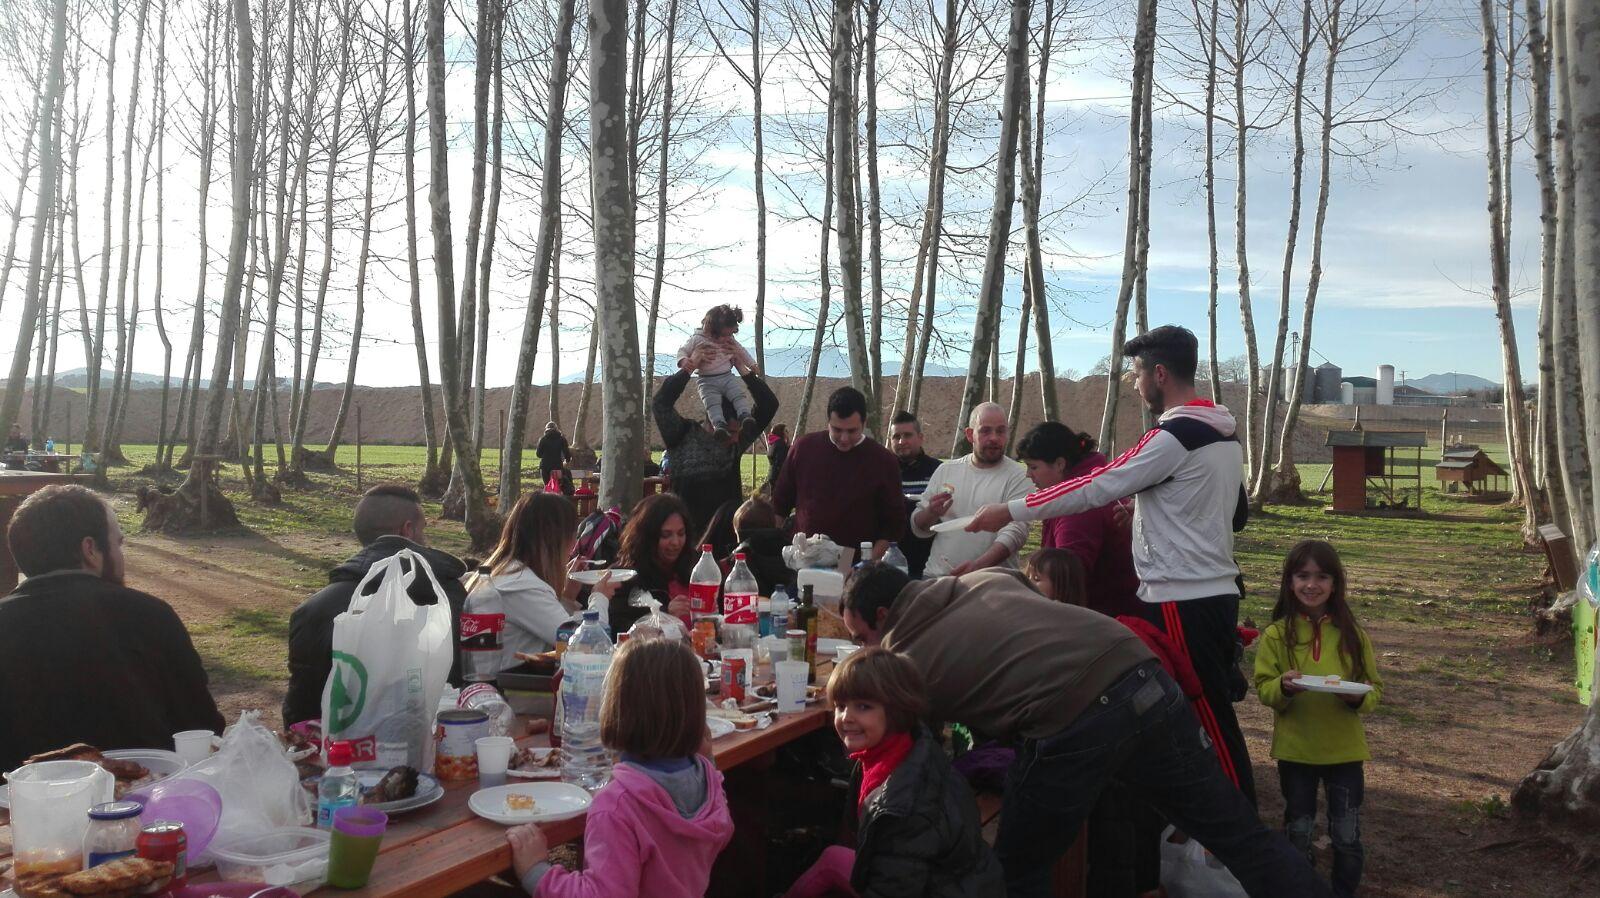 comencem a dinar al picnic les 3 flors